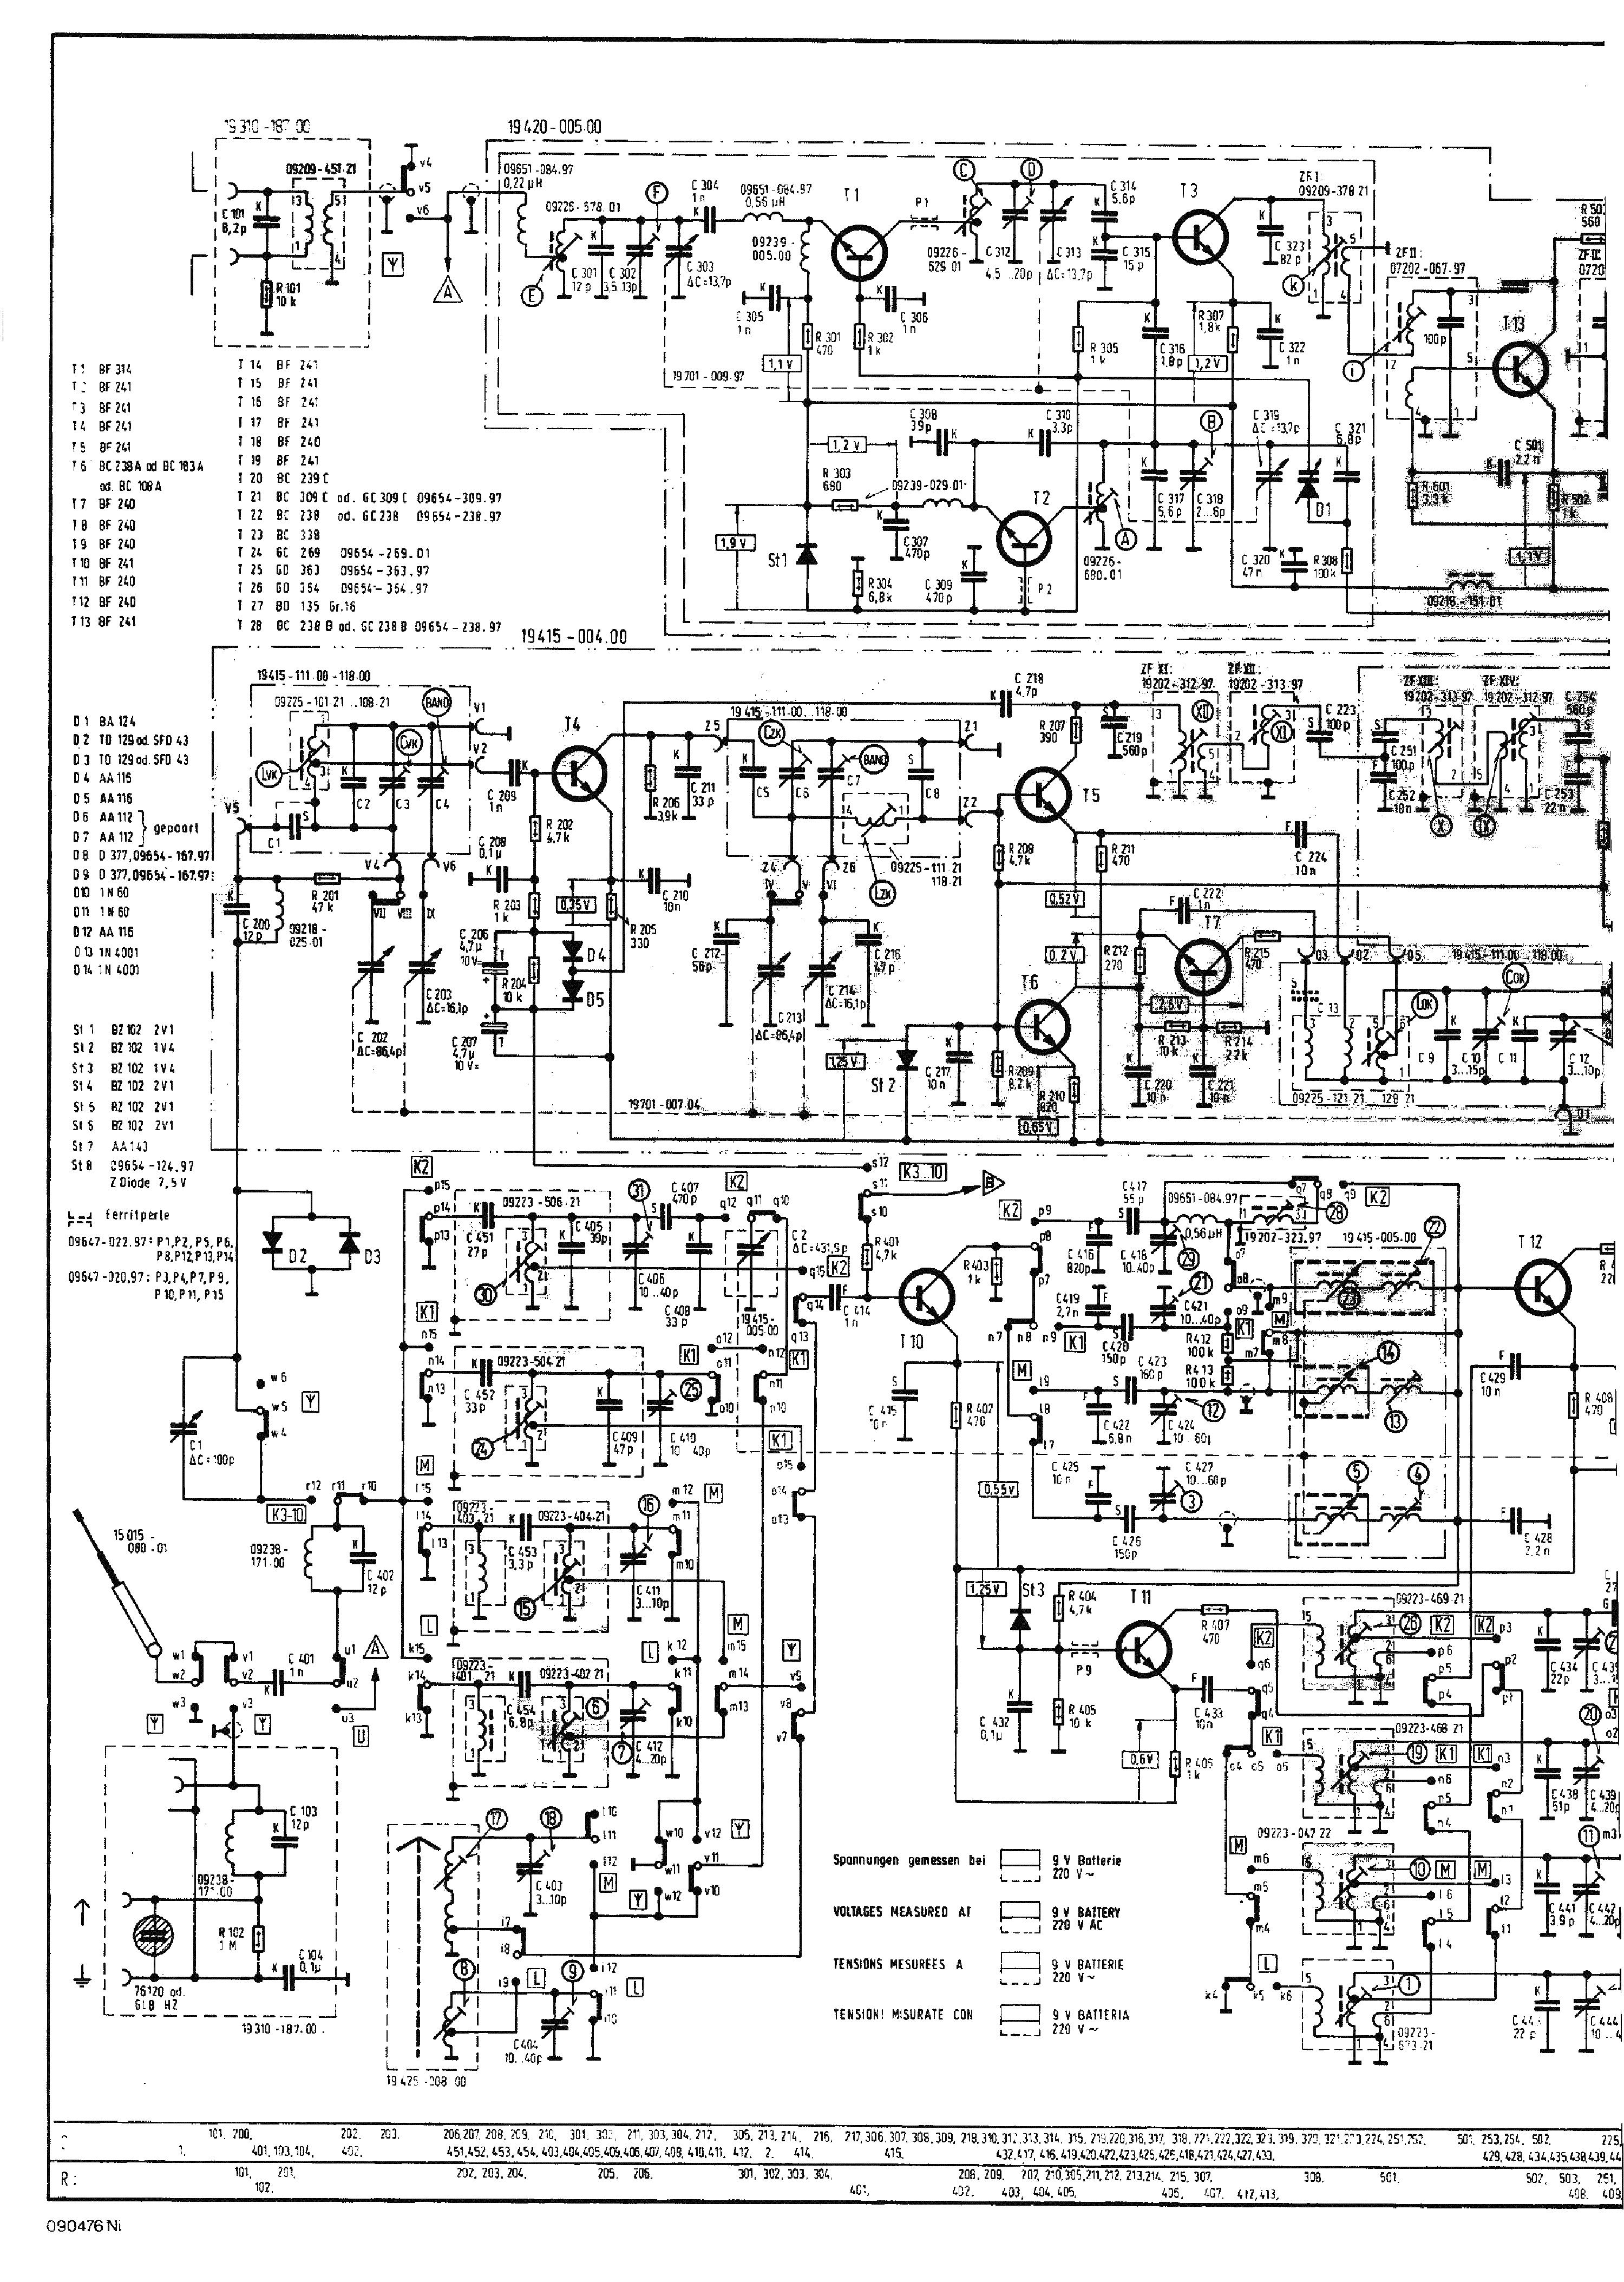 grundig radio schematics sony radio schematics